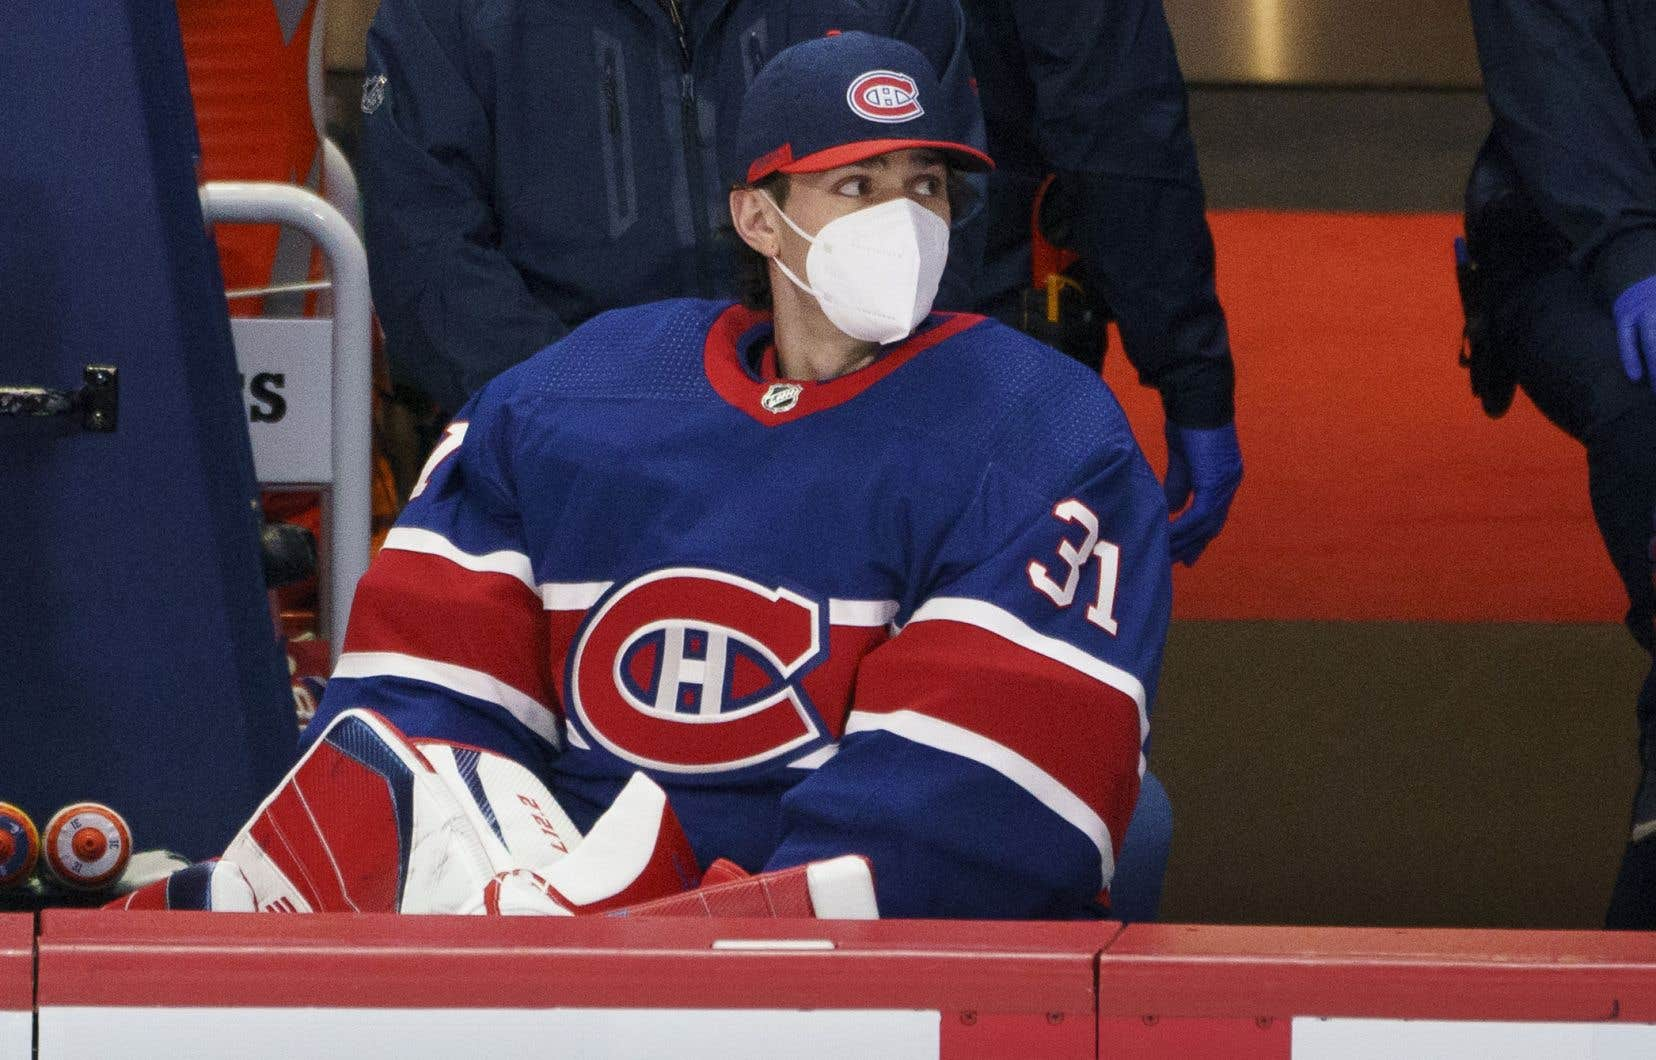 Price est l'un des quatre joueurs du Tricolore qui devraient être en mesure de commencer la série de premier tour face aux Maple Leafs de Toronto, après avoir raté la dernière ligne droite de la saison.